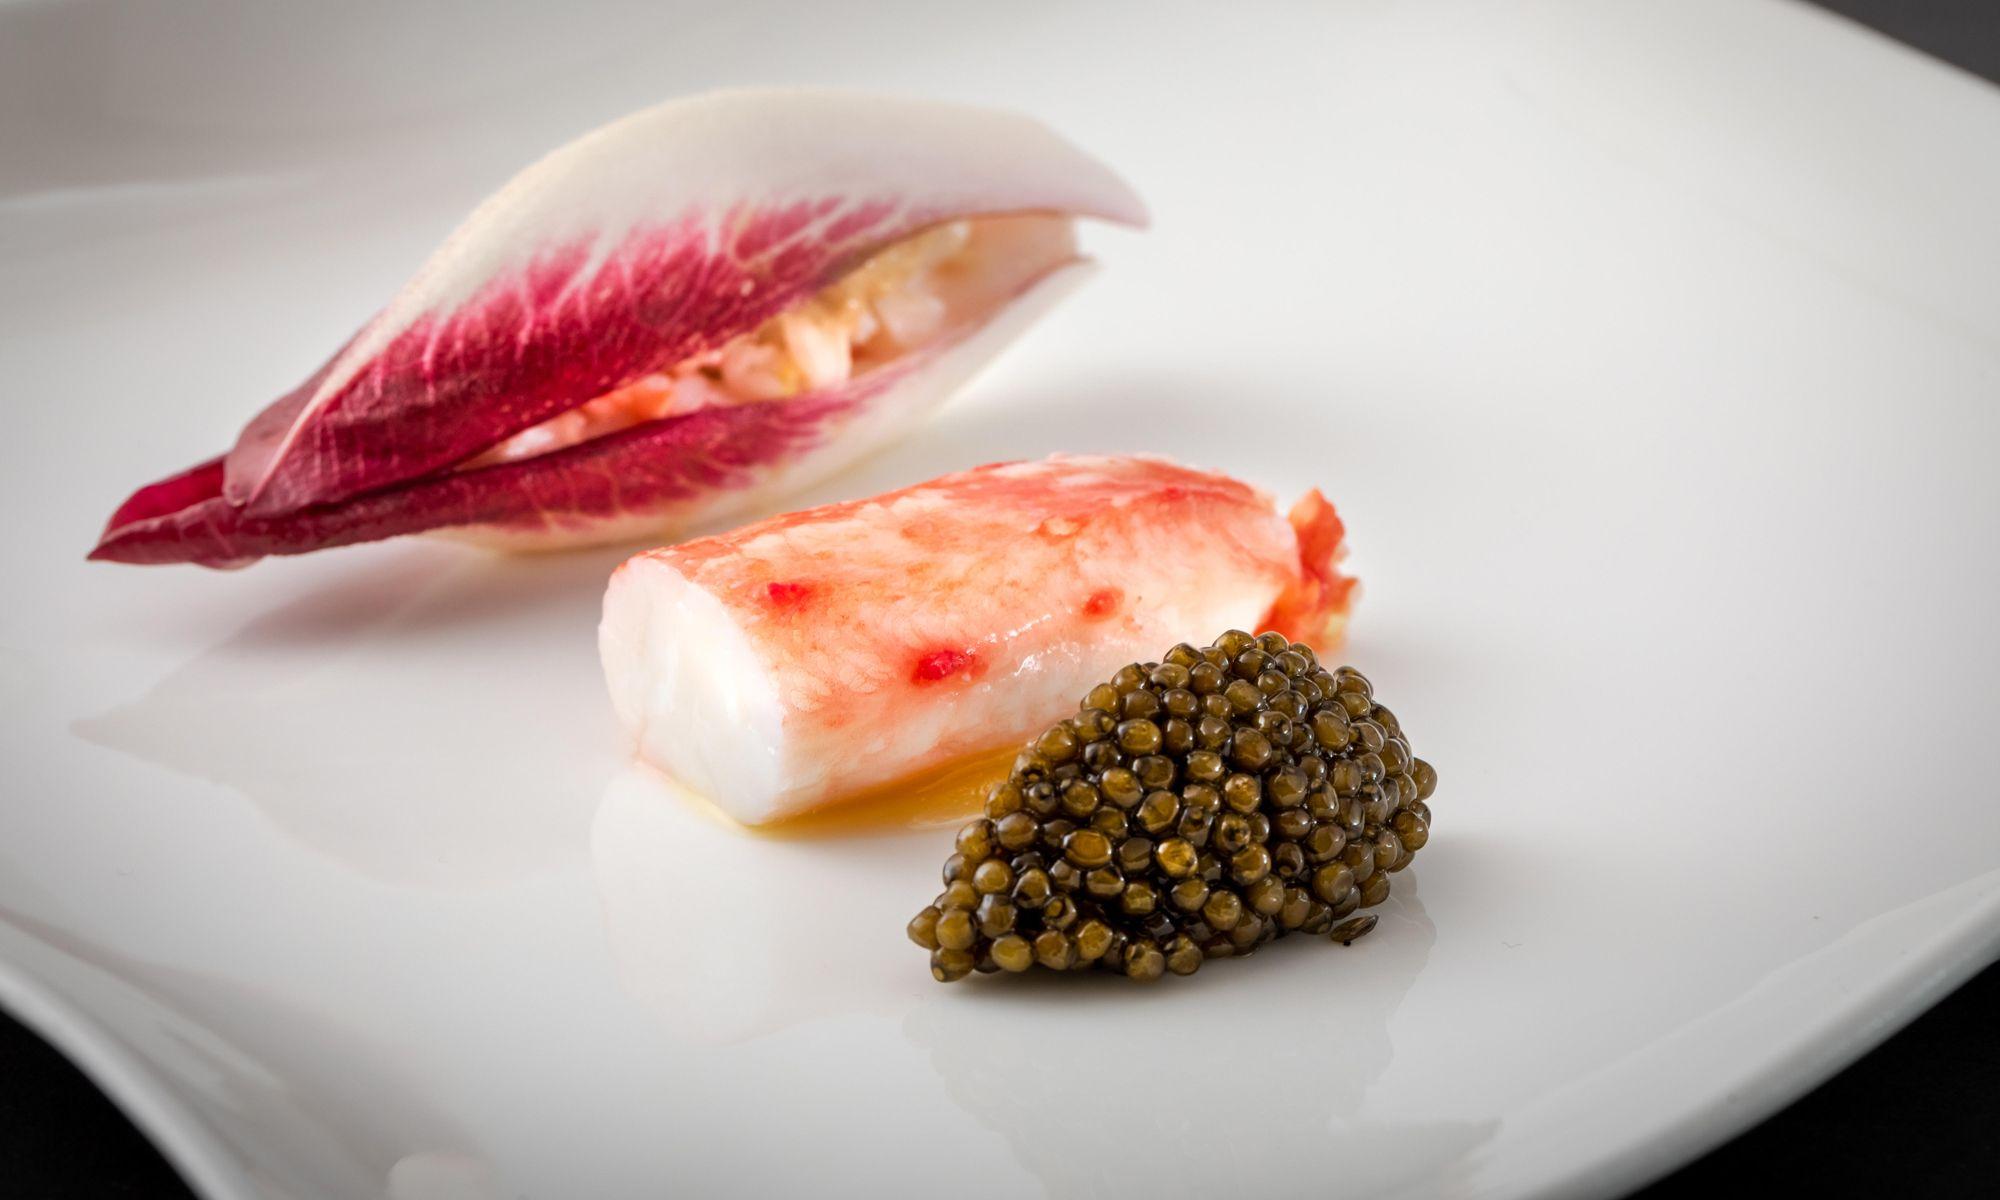 Exquisite Caviar Tasting Menu At Epure